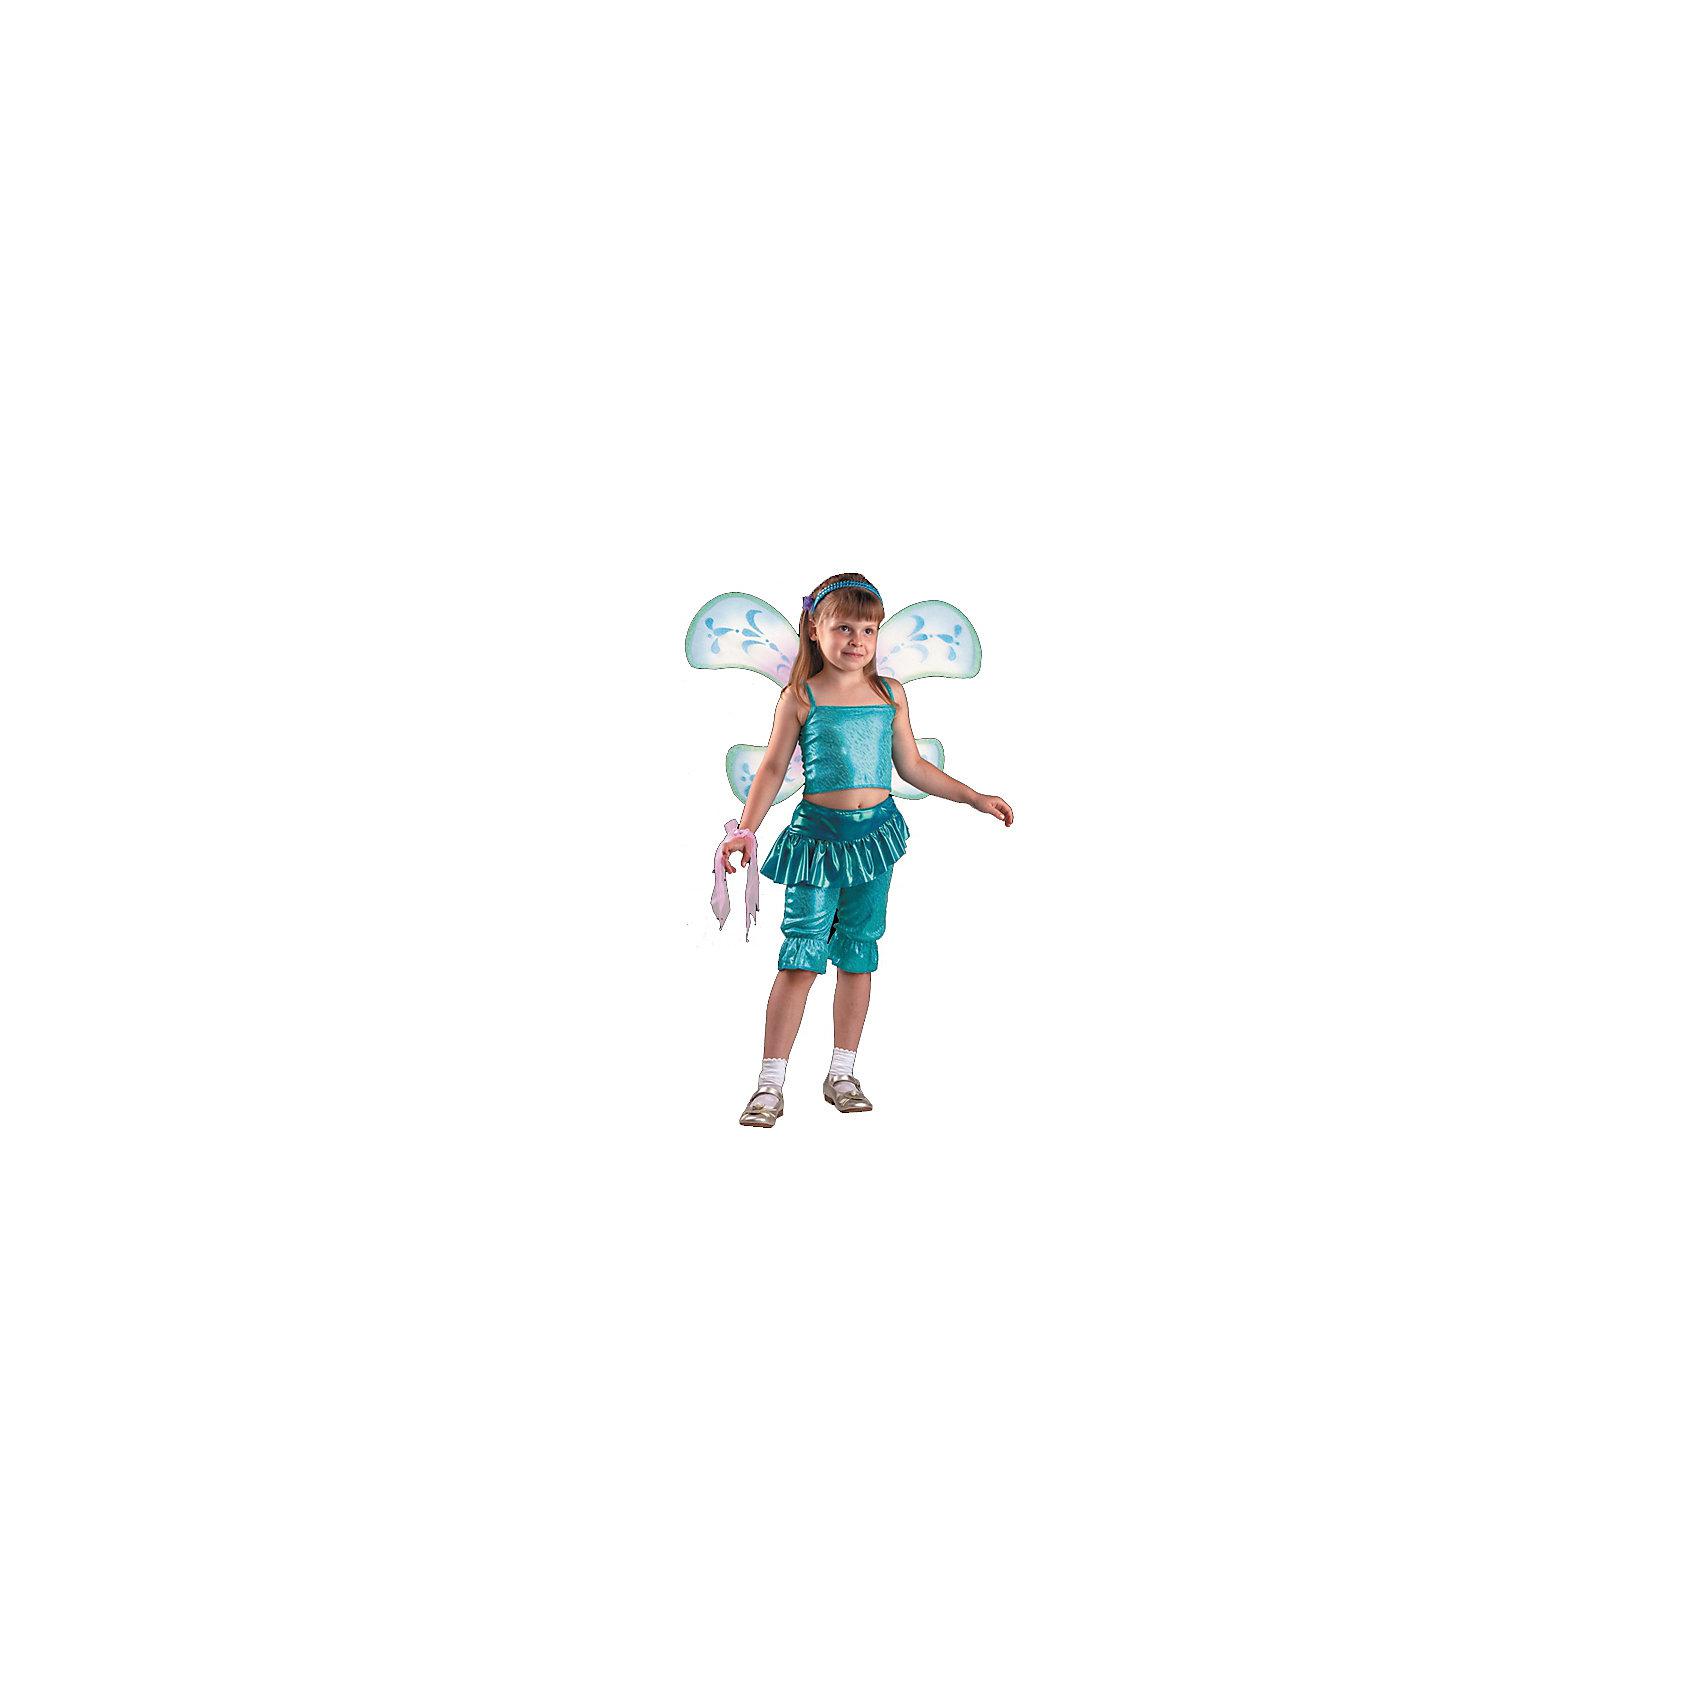 Карнавальный костюм Лейла (Аиша), БатикWinx Club<br>Карнавальный костюм Лейла (Аиша), Батик<br><br>Характеристики:<br><br>• Материал: 100% полиэстер.<br>• Цвет: разноцветный.<br><br>В комплекте:<br><br>• бриджи;<br>• топ;<br>• крылья;<br>• парик;<br>• перчатка-1шт.;<br>• гольфы;<br>• обруч бирюза;<br>• бант на руку.<br><br>Ваша девочка поклонница историй о феях-волшебницах Винкс? Тогда этот костюм для неё!  Костюм Лейлы (Аишы) - одной из главных героинь сказочной истории - воссоздаёт образ персонажа в мельчайших деталях. Темноволосый парик, легкие крылышки – все это поможет вашей девочке перевоплотиться в фею Лейлу (Аишу). В таком карнавальном костюме, «Лейла»,  ваша девочка получит максимальное удовольствие от праздника и подарит радость окружающим!<br><br>Карнавальный костюм Лейла (Аиша), Батик можно купить в нашем интернет – магазине.<br><br>Ширина мм: 500<br>Глубина мм: 50<br>Высота мм: 700<br>Вес г: 600<br>Цвет: разноцветный<br>Возраст от месяцев: 60<br>Возраст до месяцев: 72<br>Пол: Женский<br>Возраст: Детский<br>Размер: 30,32<br>SKU: 5092539